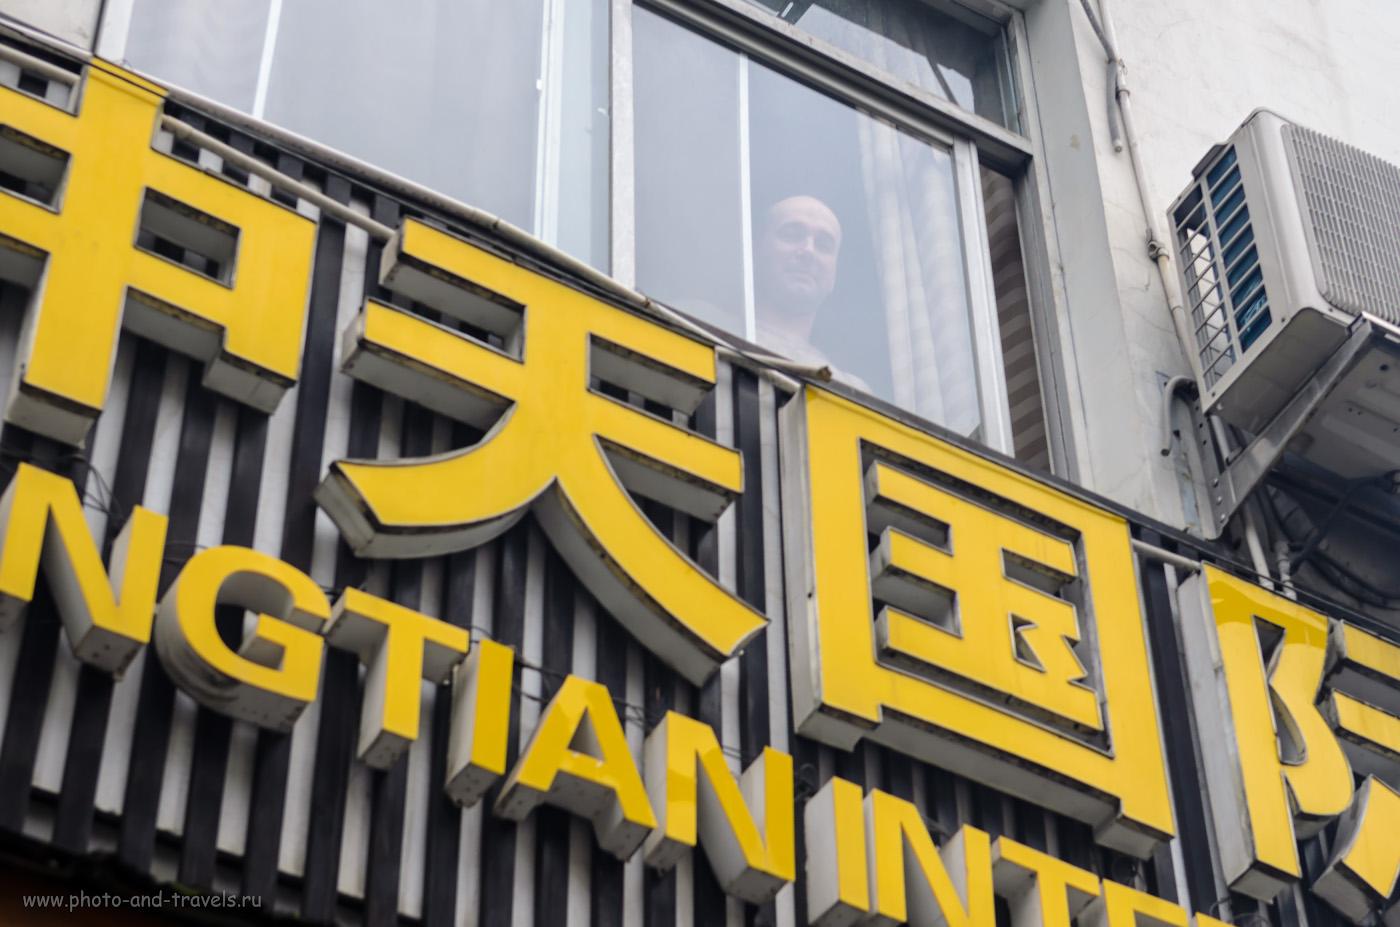 """Фото 1. Отдых в Китае. Окна хостела """"Wulingyuan Zhongtian International Youth Hostel"""". Могу посоветовать этот отель, если вы едете на экскурсию в национальный парк Чжанцзяцзе в Китае. Снято на зеркалку Nikon D5100 с объективом Nikon 17-55mm f/2.8."""